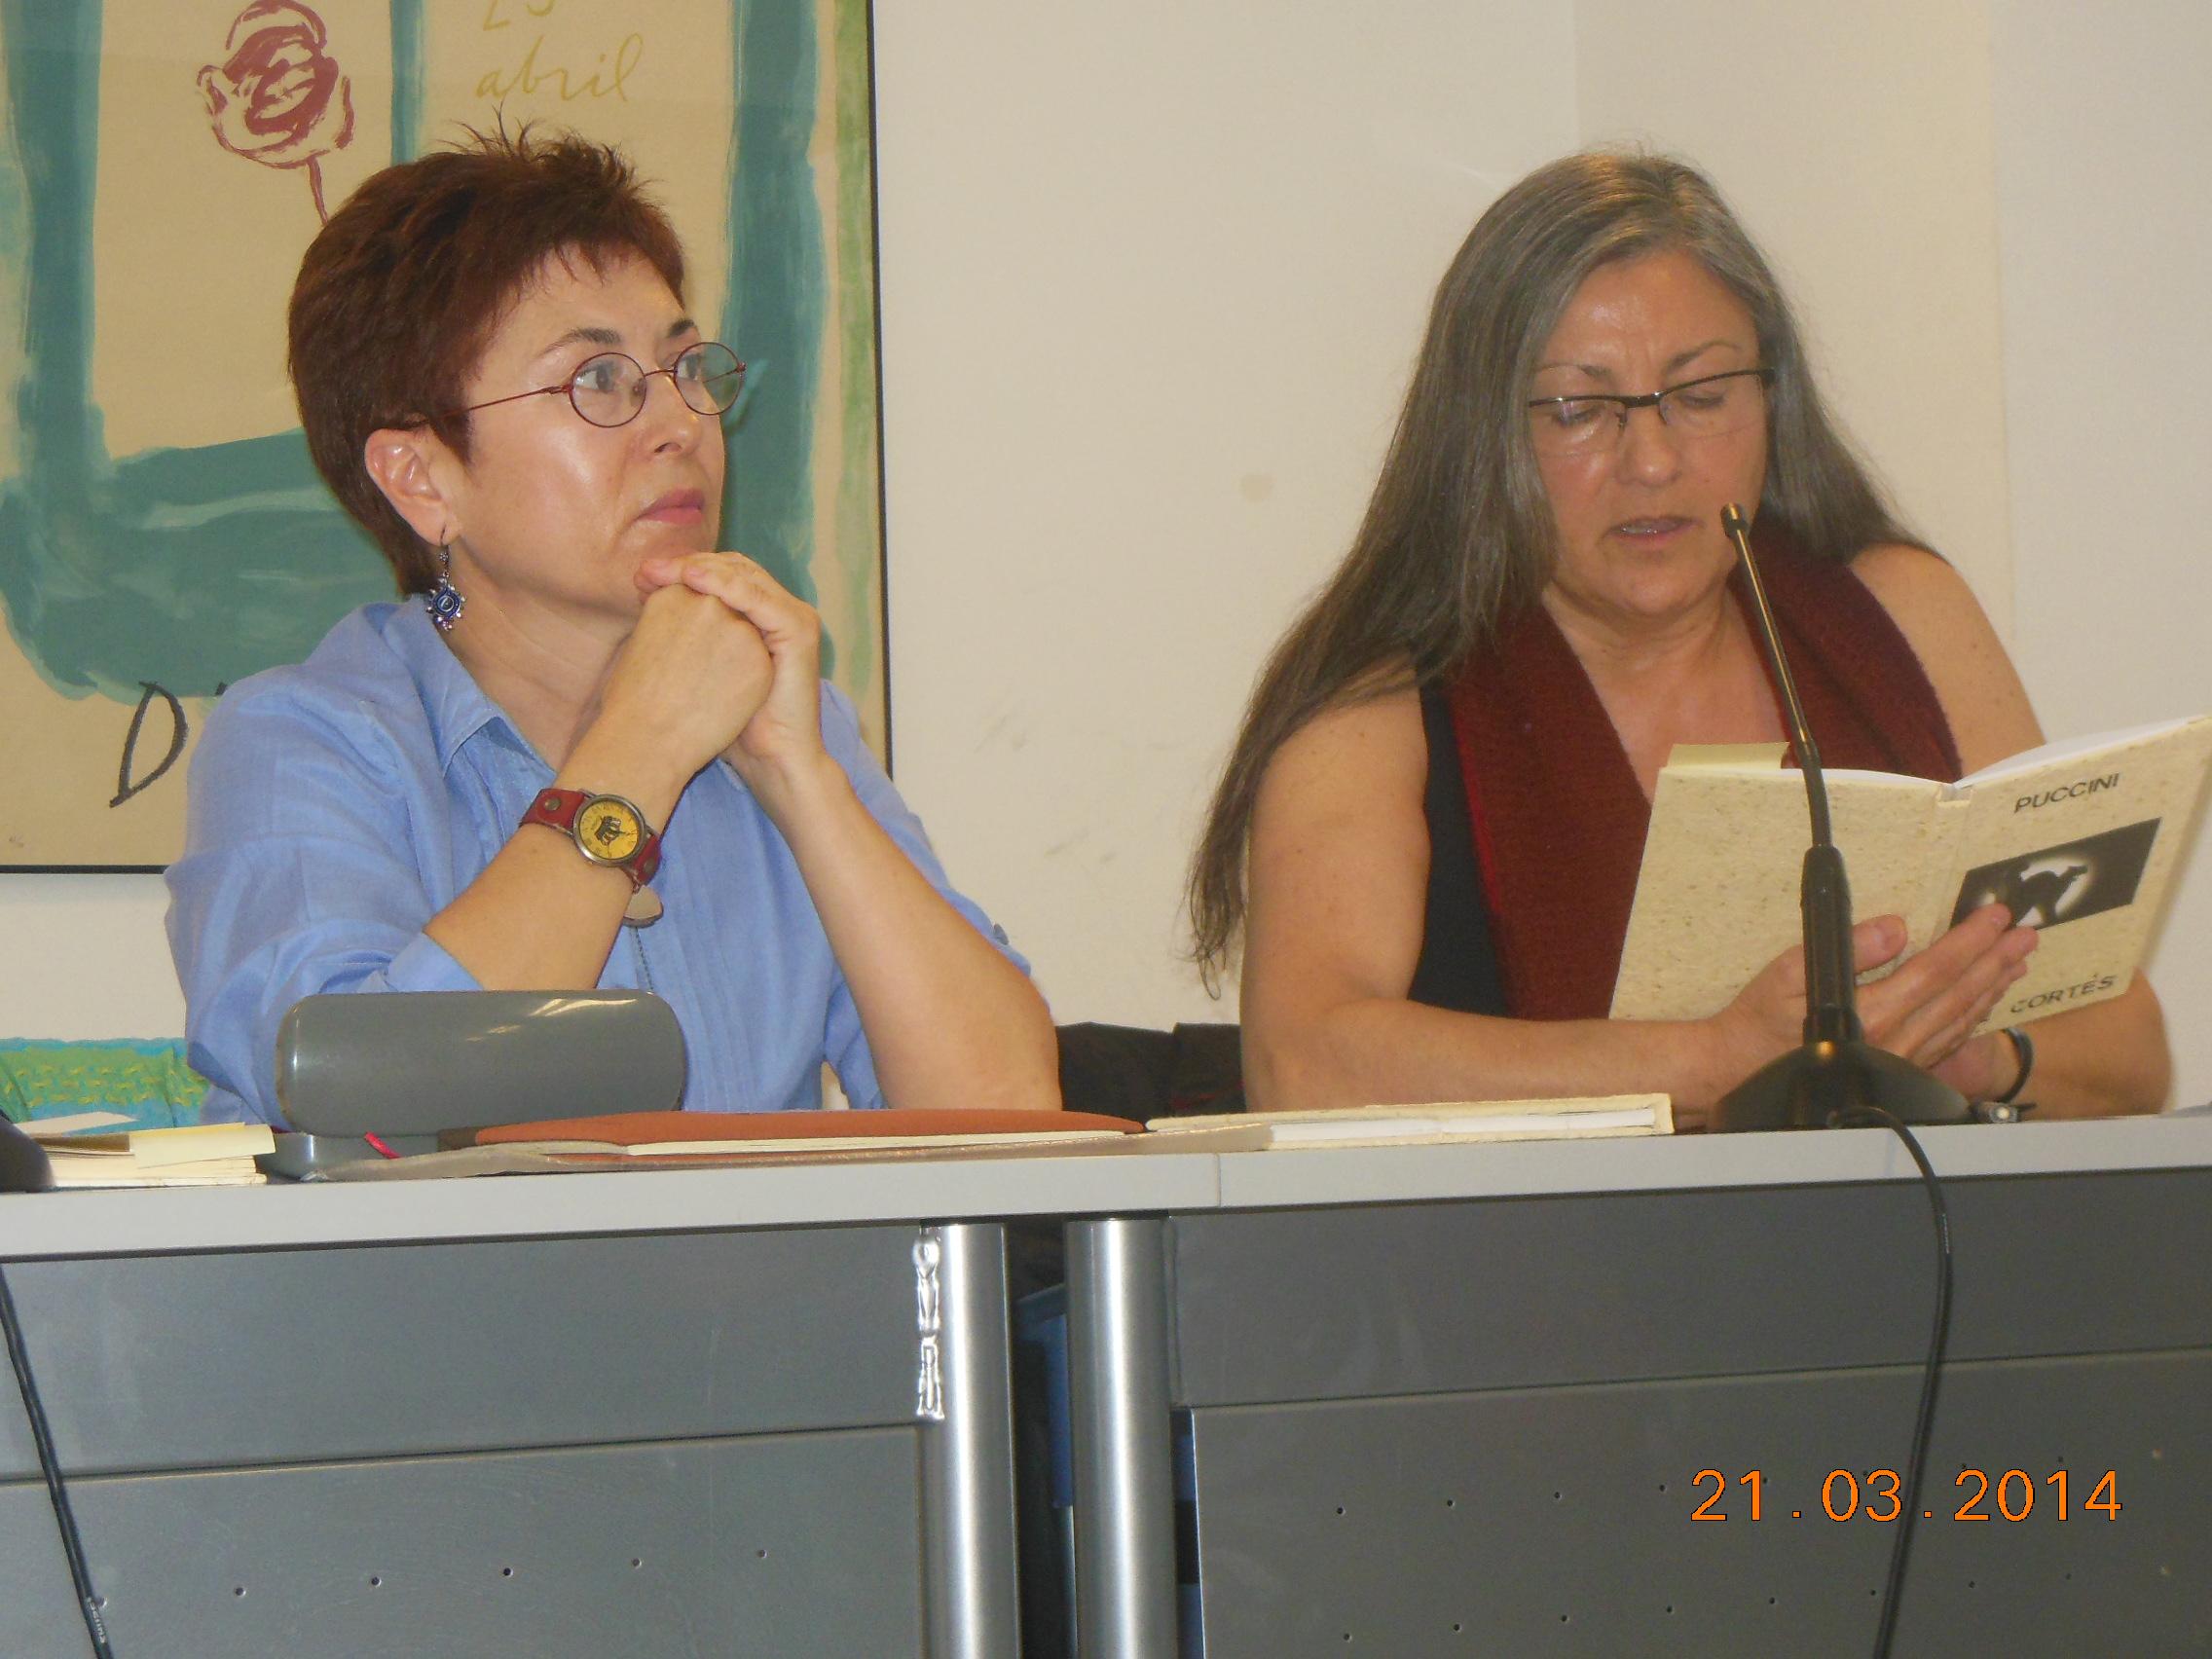 Anna Rossell (derecha) con la escritora Cise Cortés. Tertulia del Laberinto de Ariadna, Ateneo Barcelonés, marzo 2014